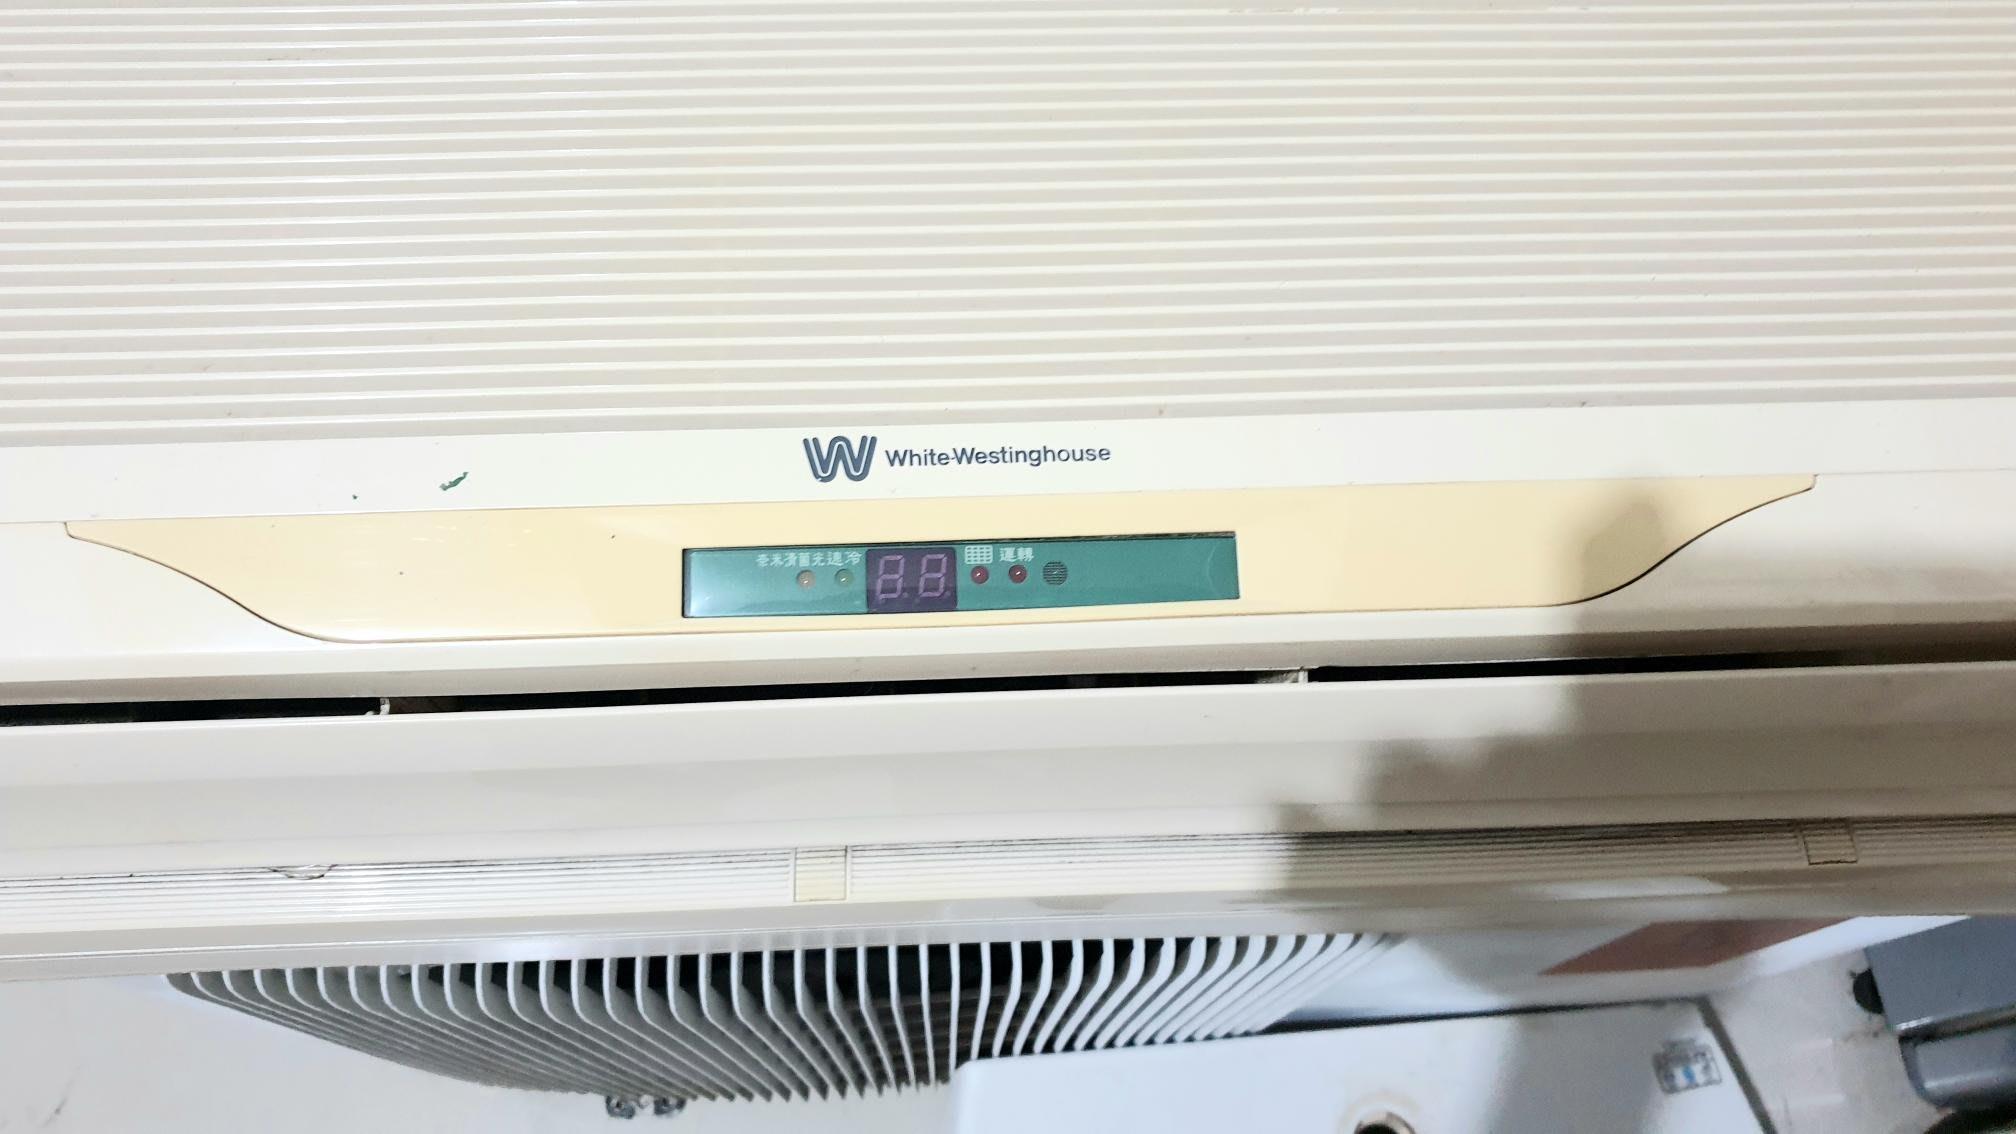 西屋1.5頓分離式冷氣˙功能正常˙˙˙